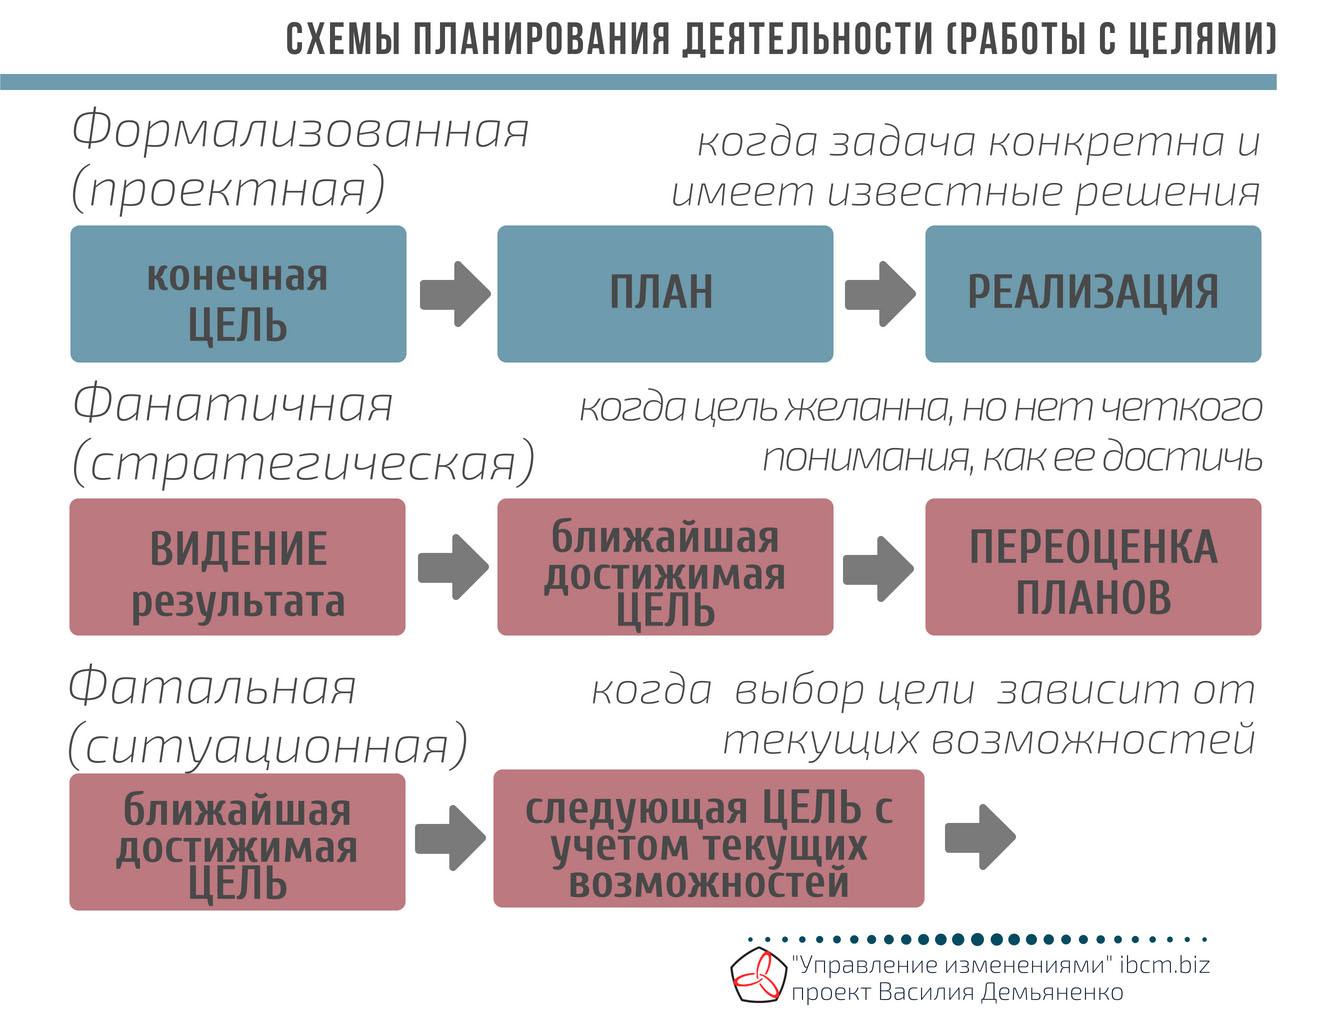 Схемы планирования деятельности работы с целями